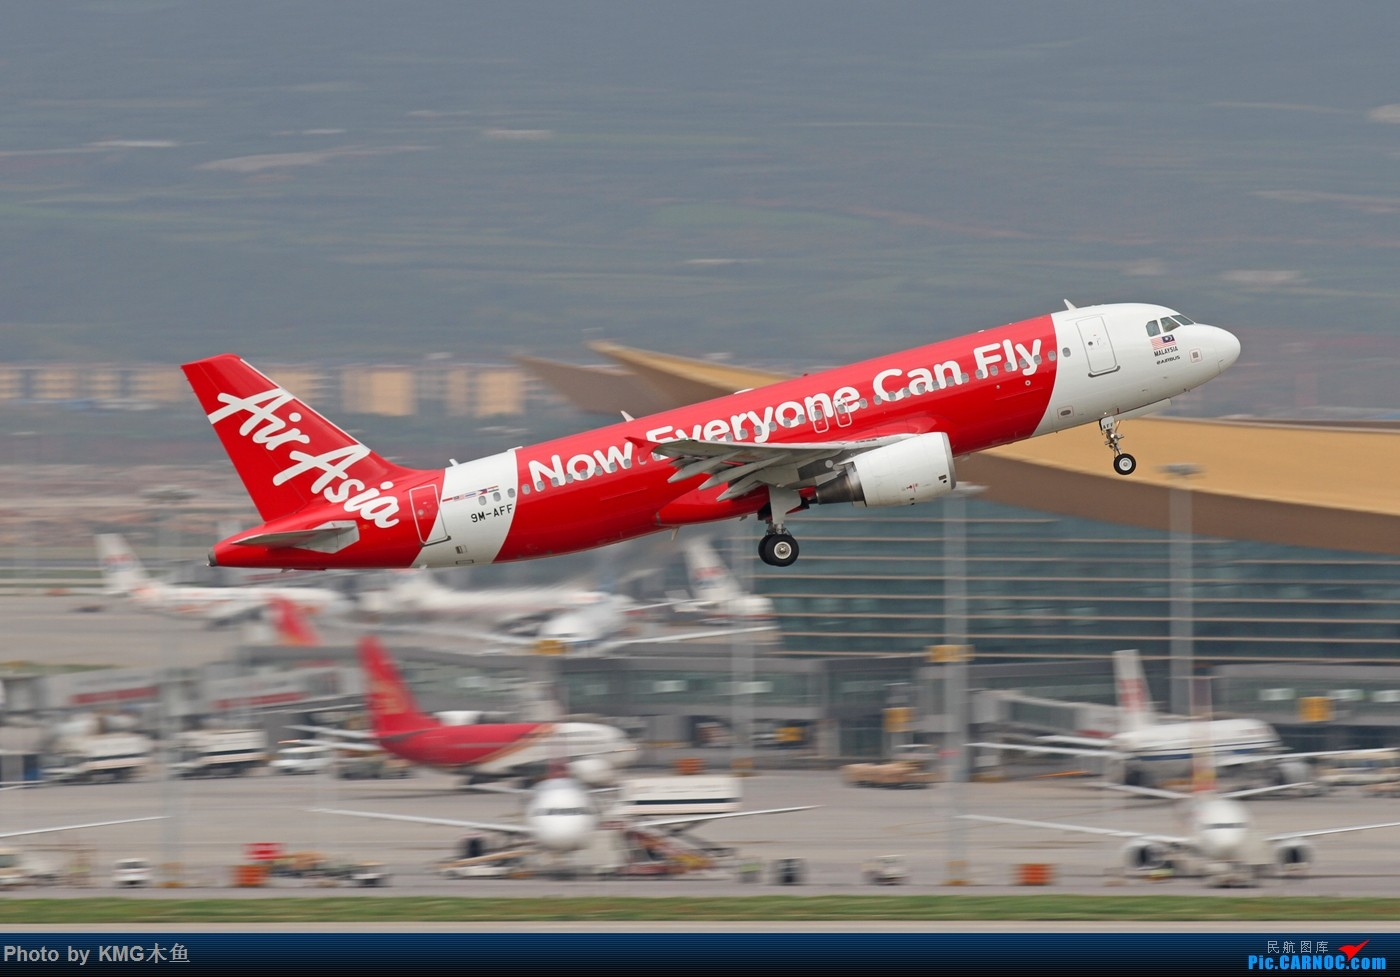 Re:[原创]【KMG】【昆明长水国际机场】8月天空不美,但是飞机很美 AIRBUS A320-200 9M-AFF 中国昆明长水国际机场